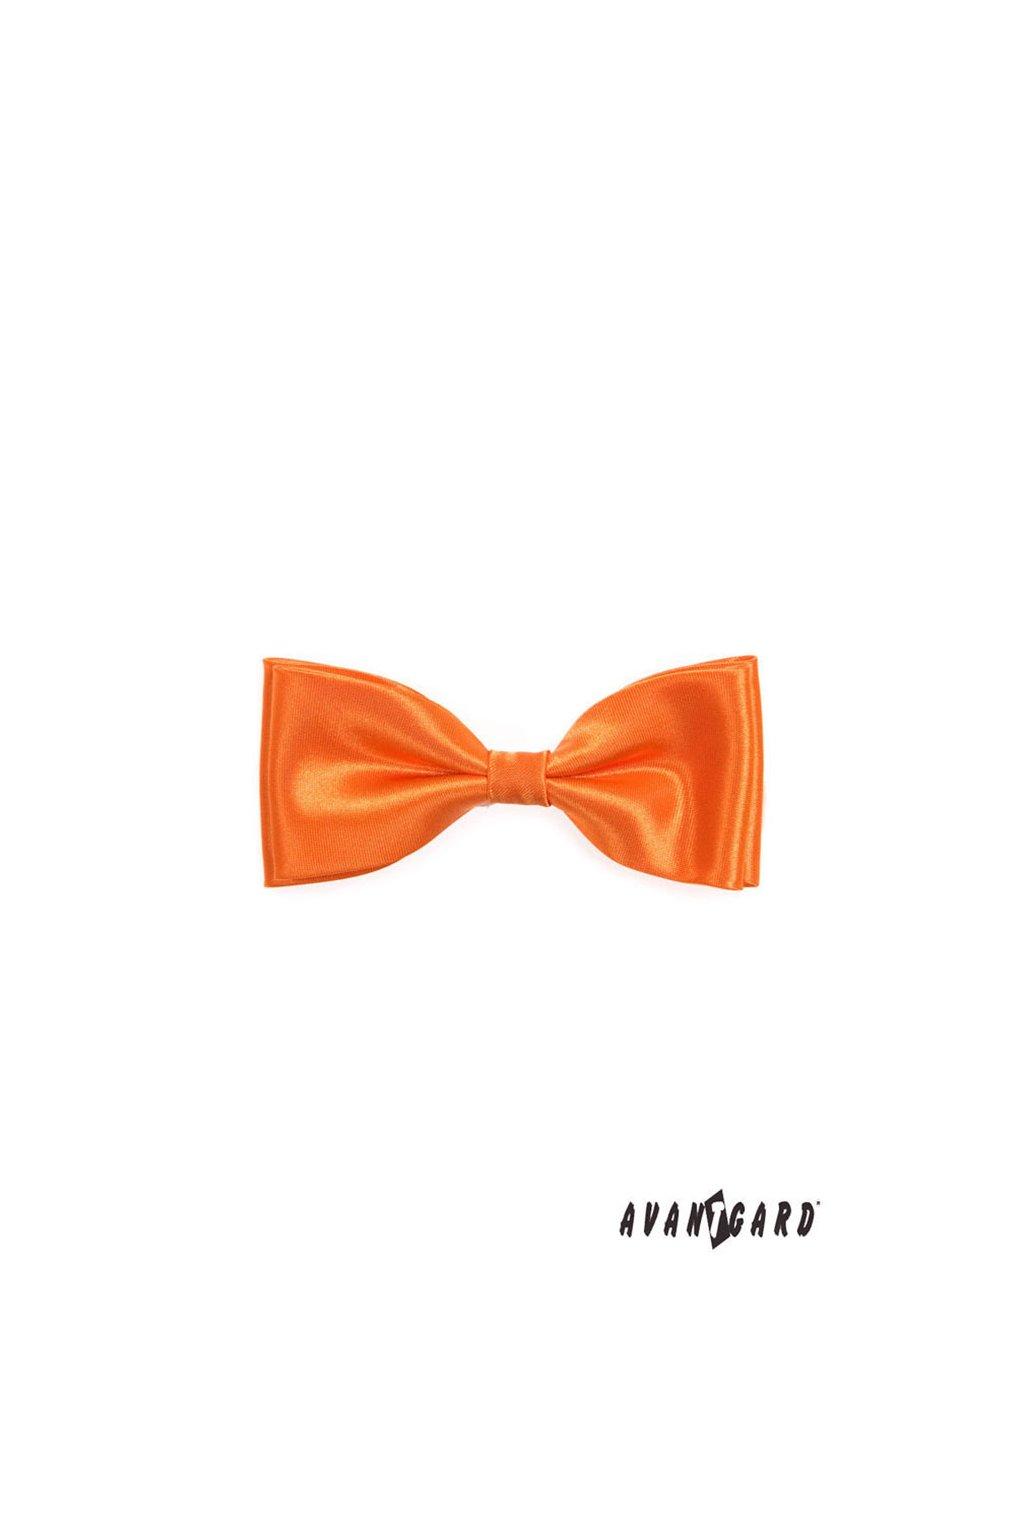 Pánský motýlek oranžový 553 - 783